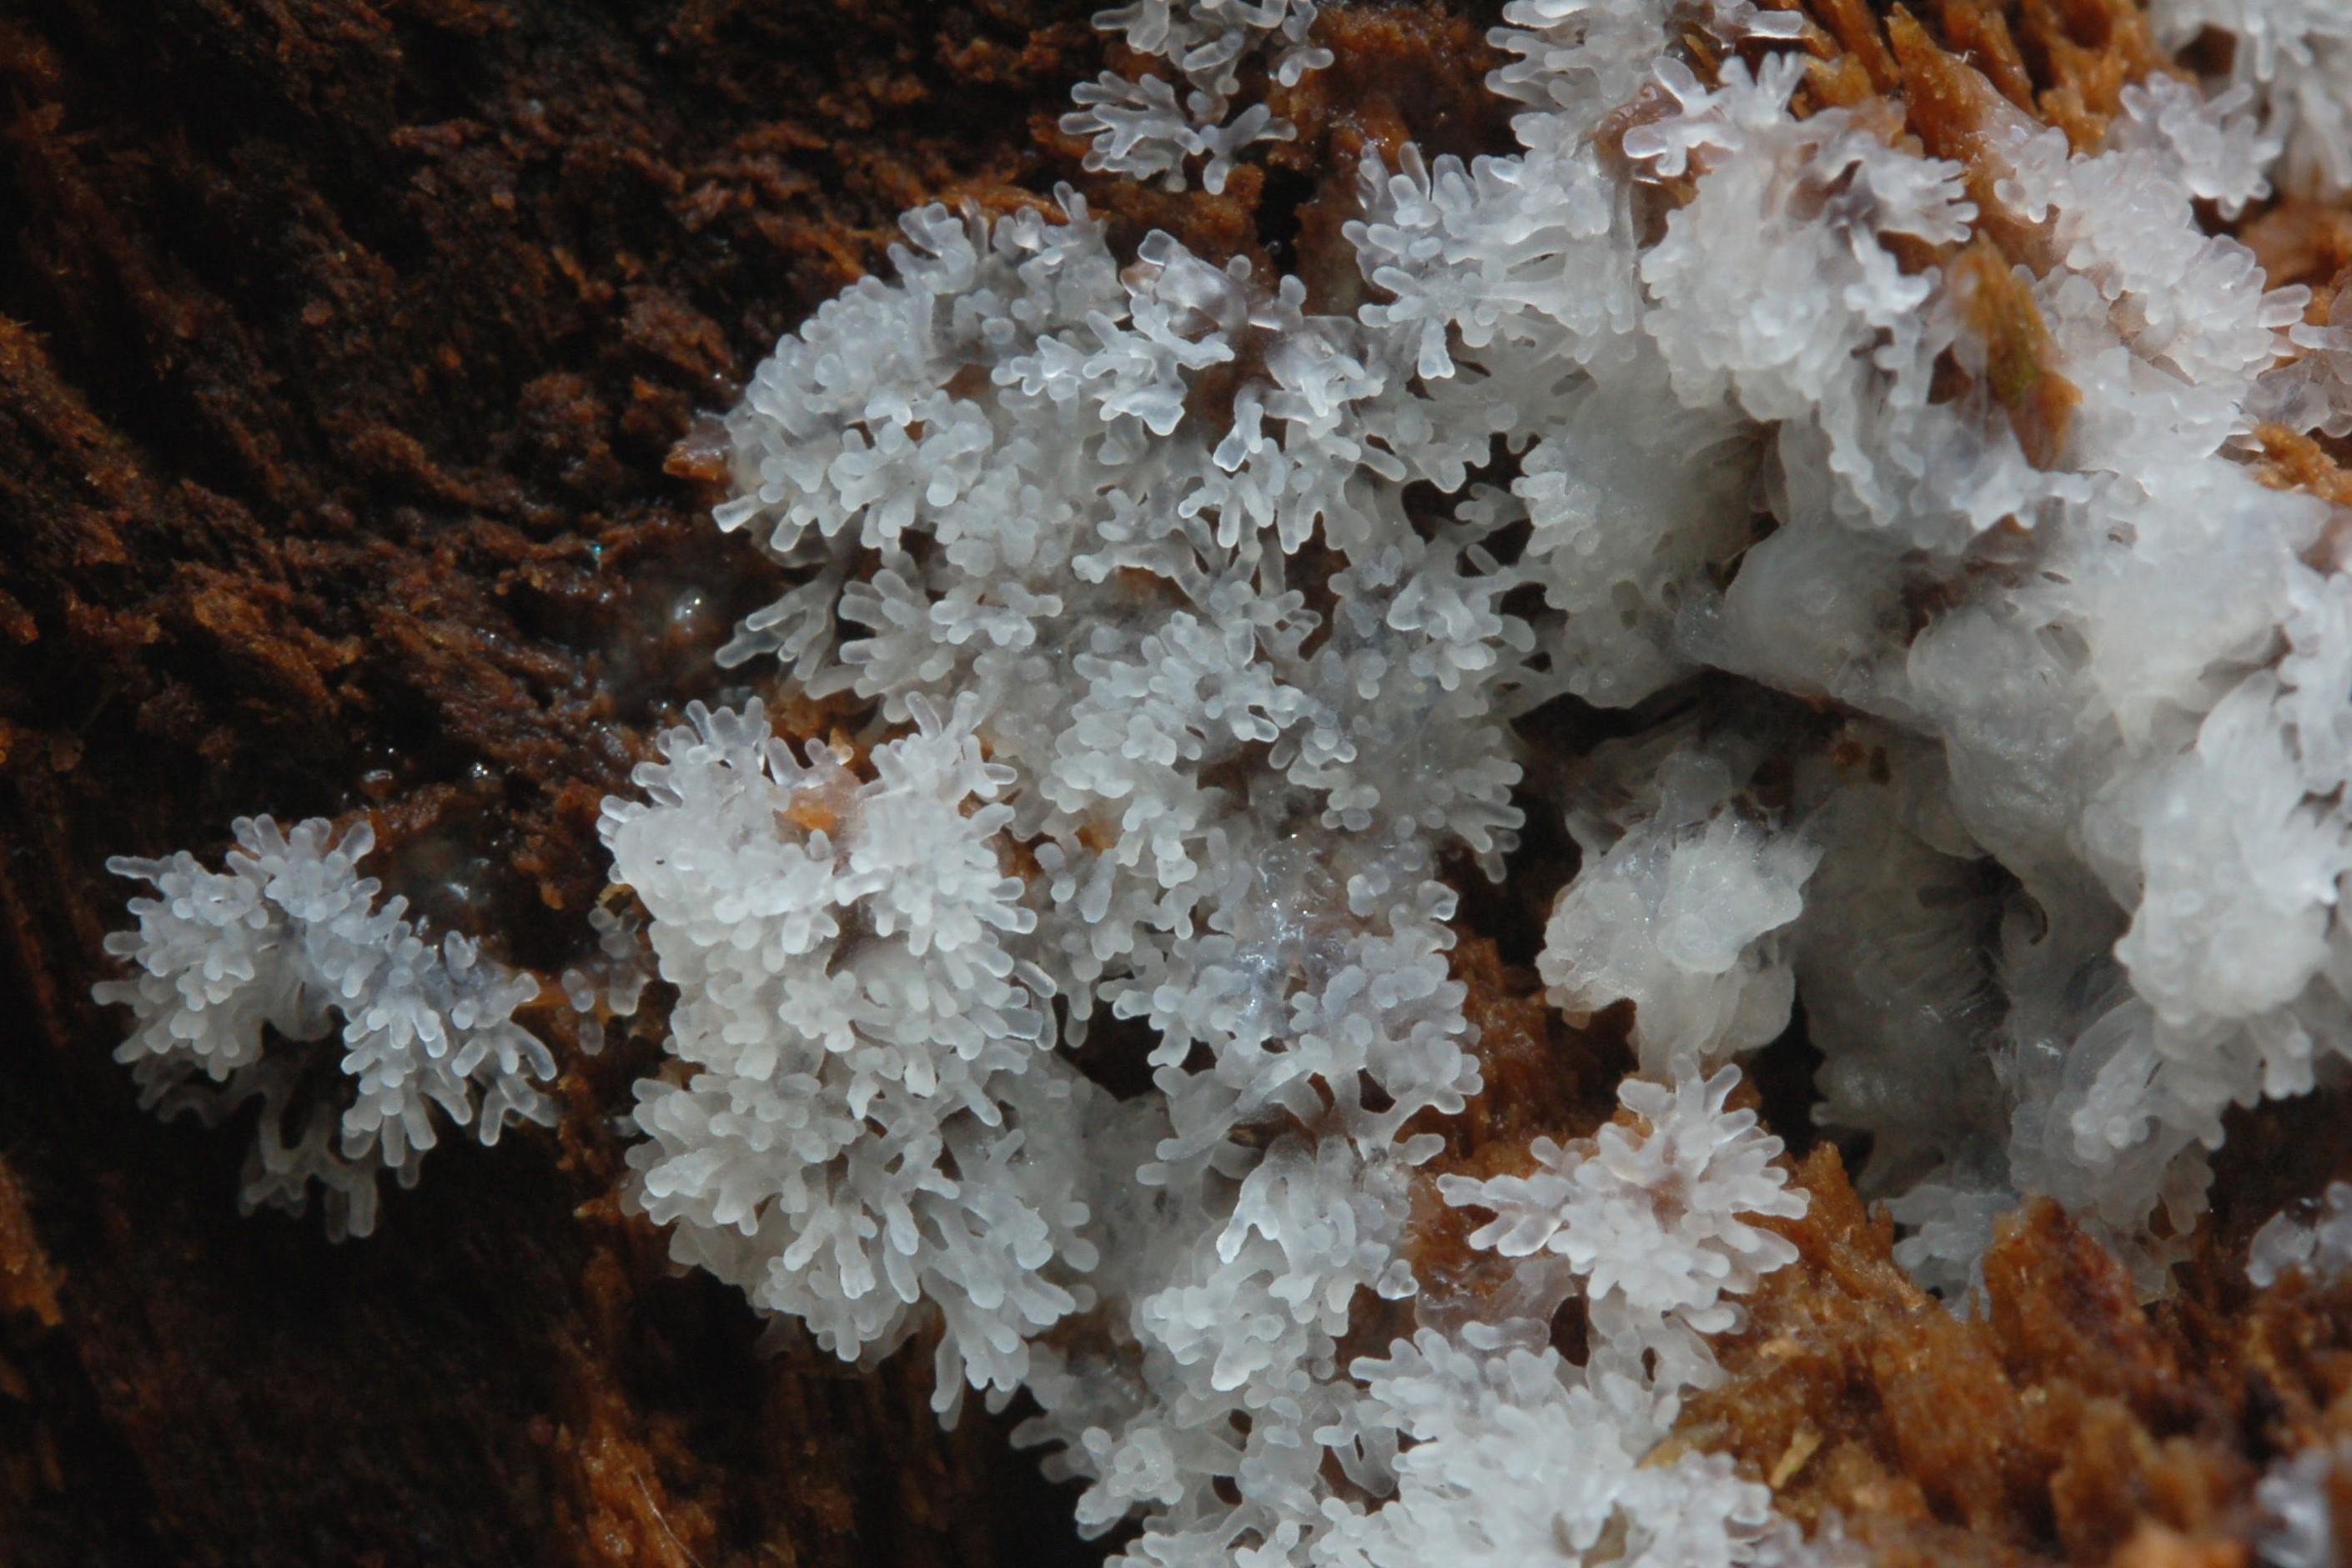 Ceratiomyxa frutucilosa